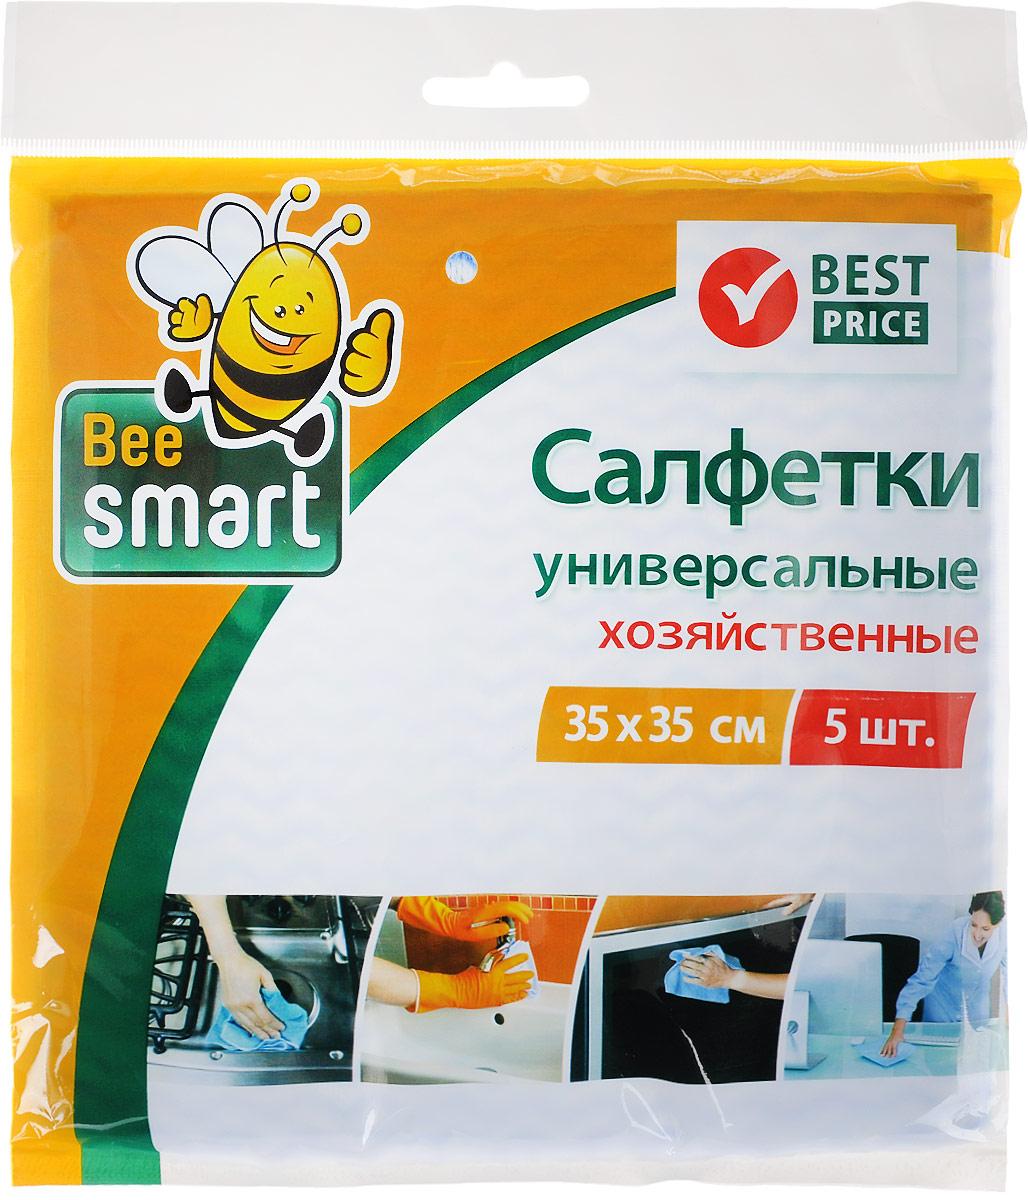 Набор универсальных салфеток Beesmart, 35 х 35 см, 5 штVCA-00Набор Beesmart, выполненный из нетканого полотна (вискоза, полиэстер), состоит из 5 салфеток. Изделия предназначены для сухой и влажной уборки. Отлично впитывают жидкости, жиры, масла. Пригодны для многоразового использования, долговечны, не оставляют следов и ворсинок. Размер салфетки: 35 х 35 см.